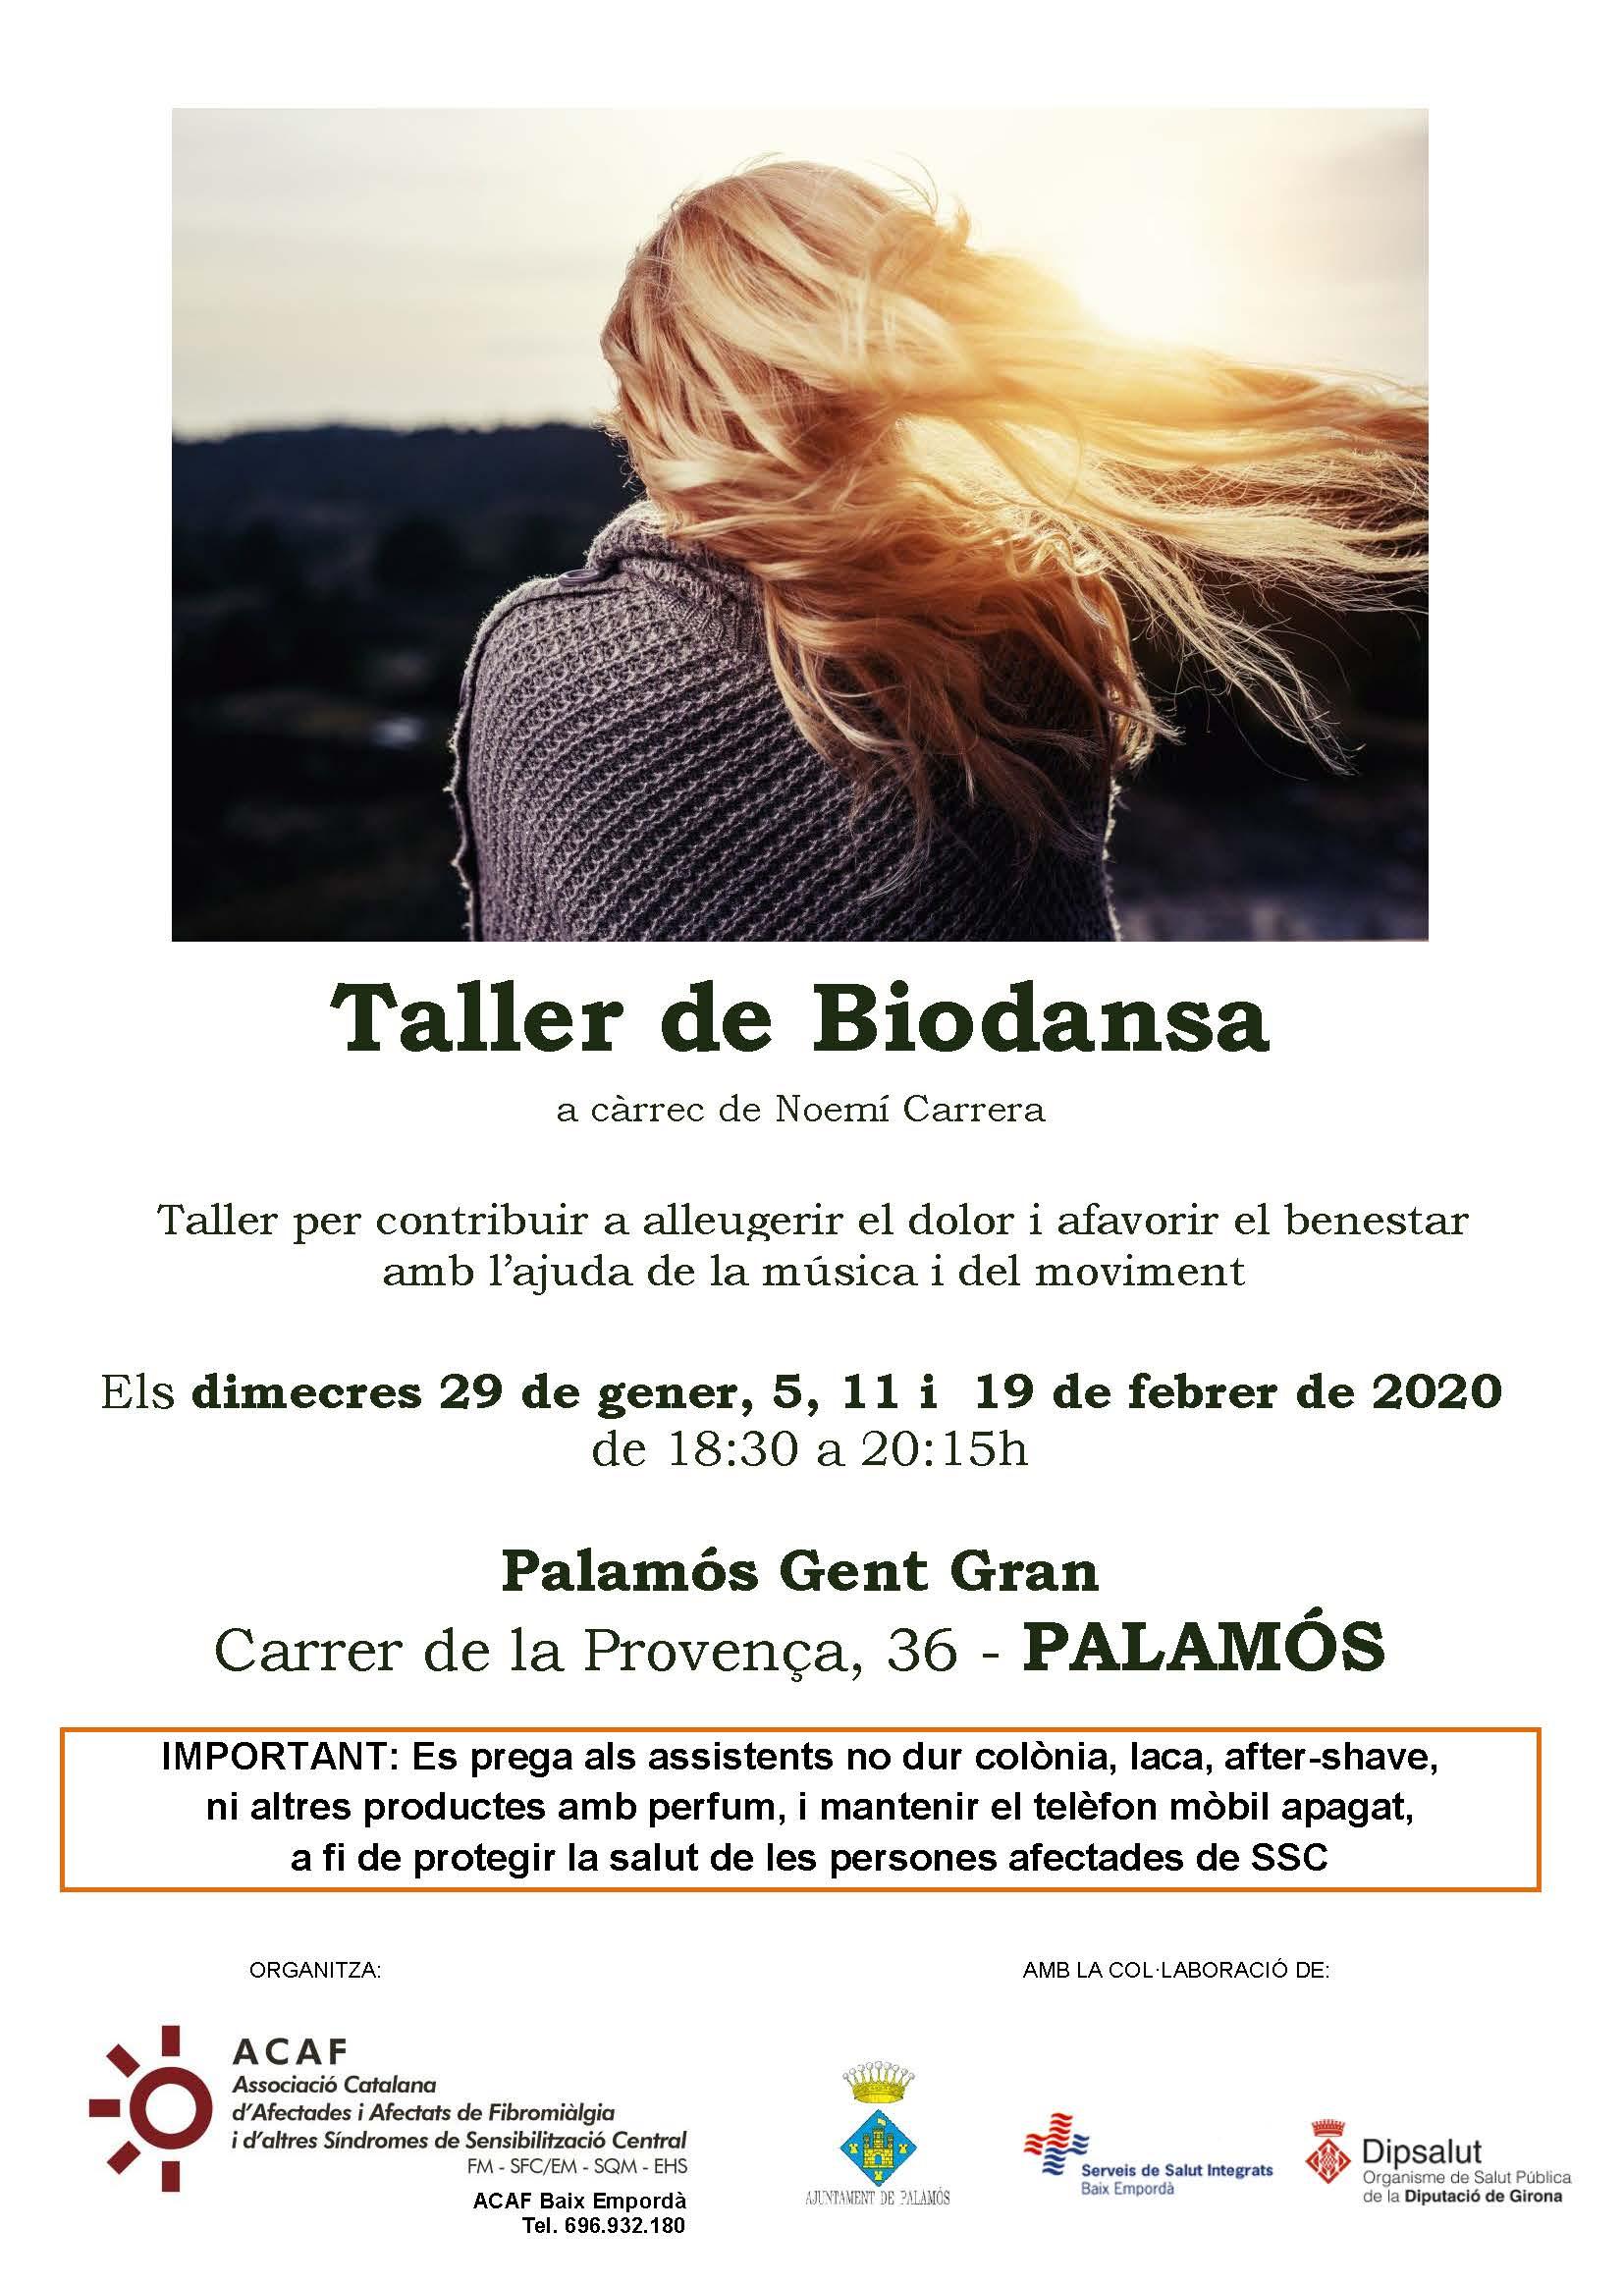 20200129_Palamós_taller_biodansa_1579602789